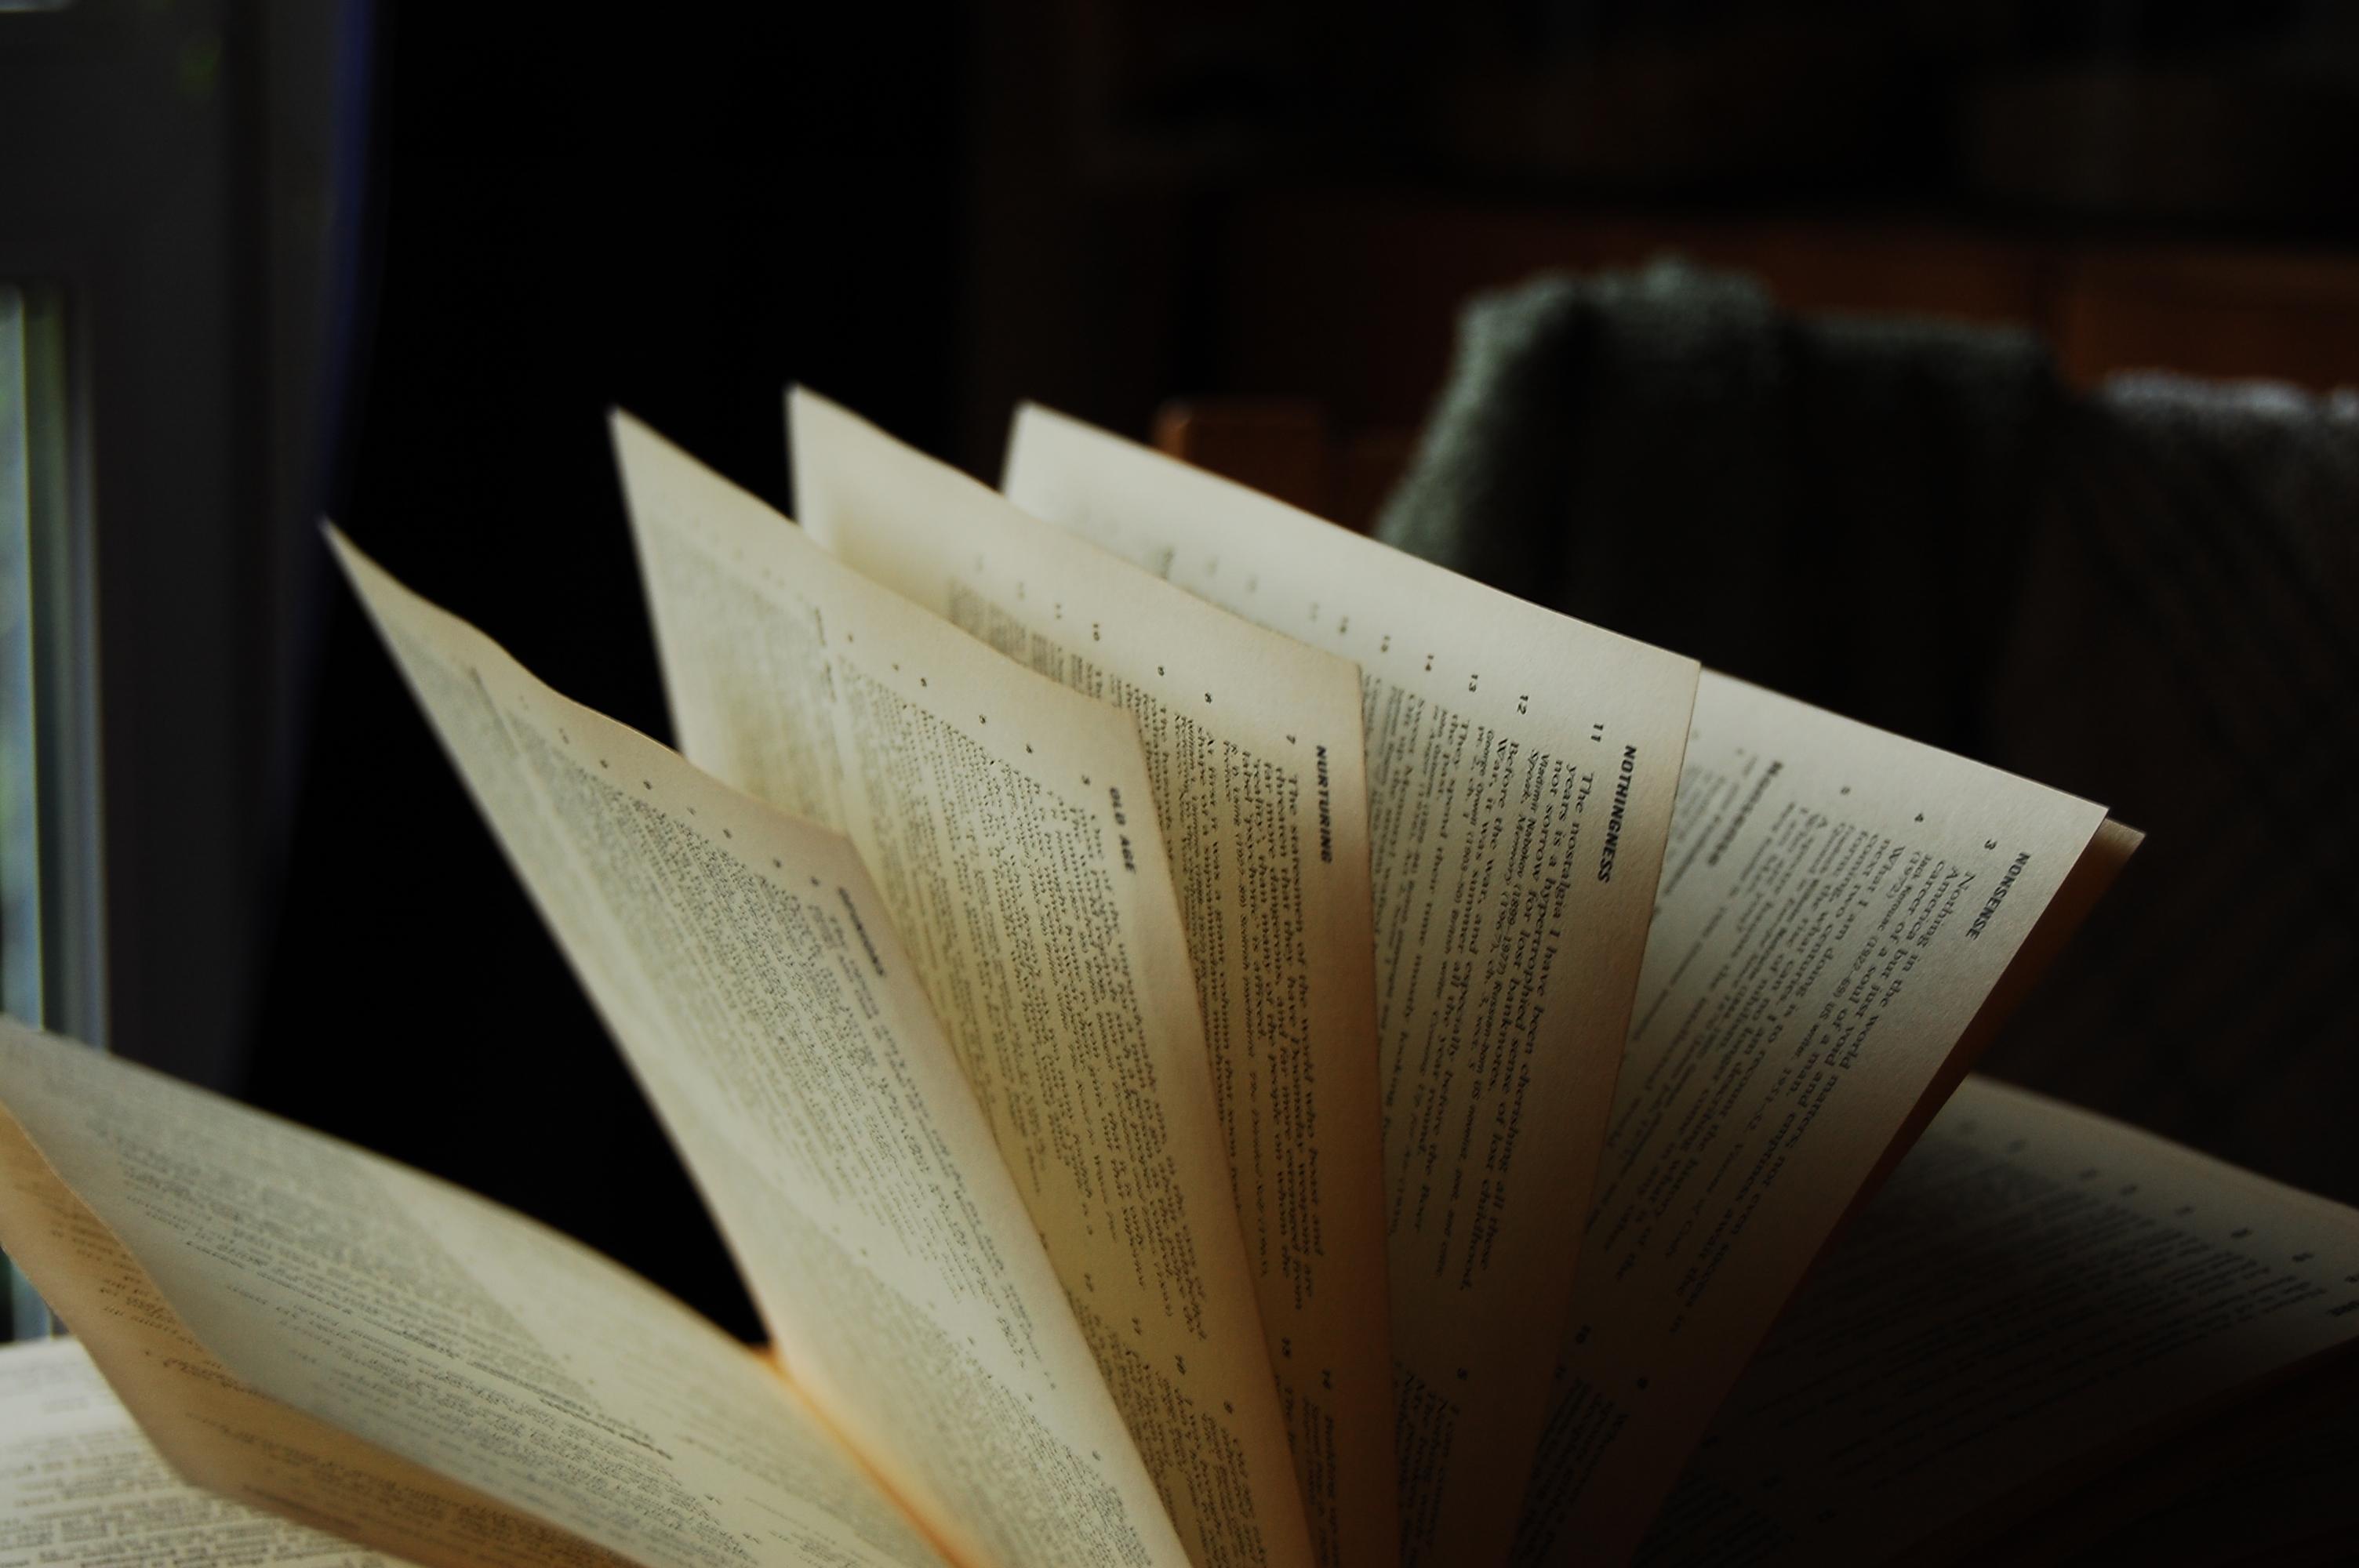 Diccionario. libro